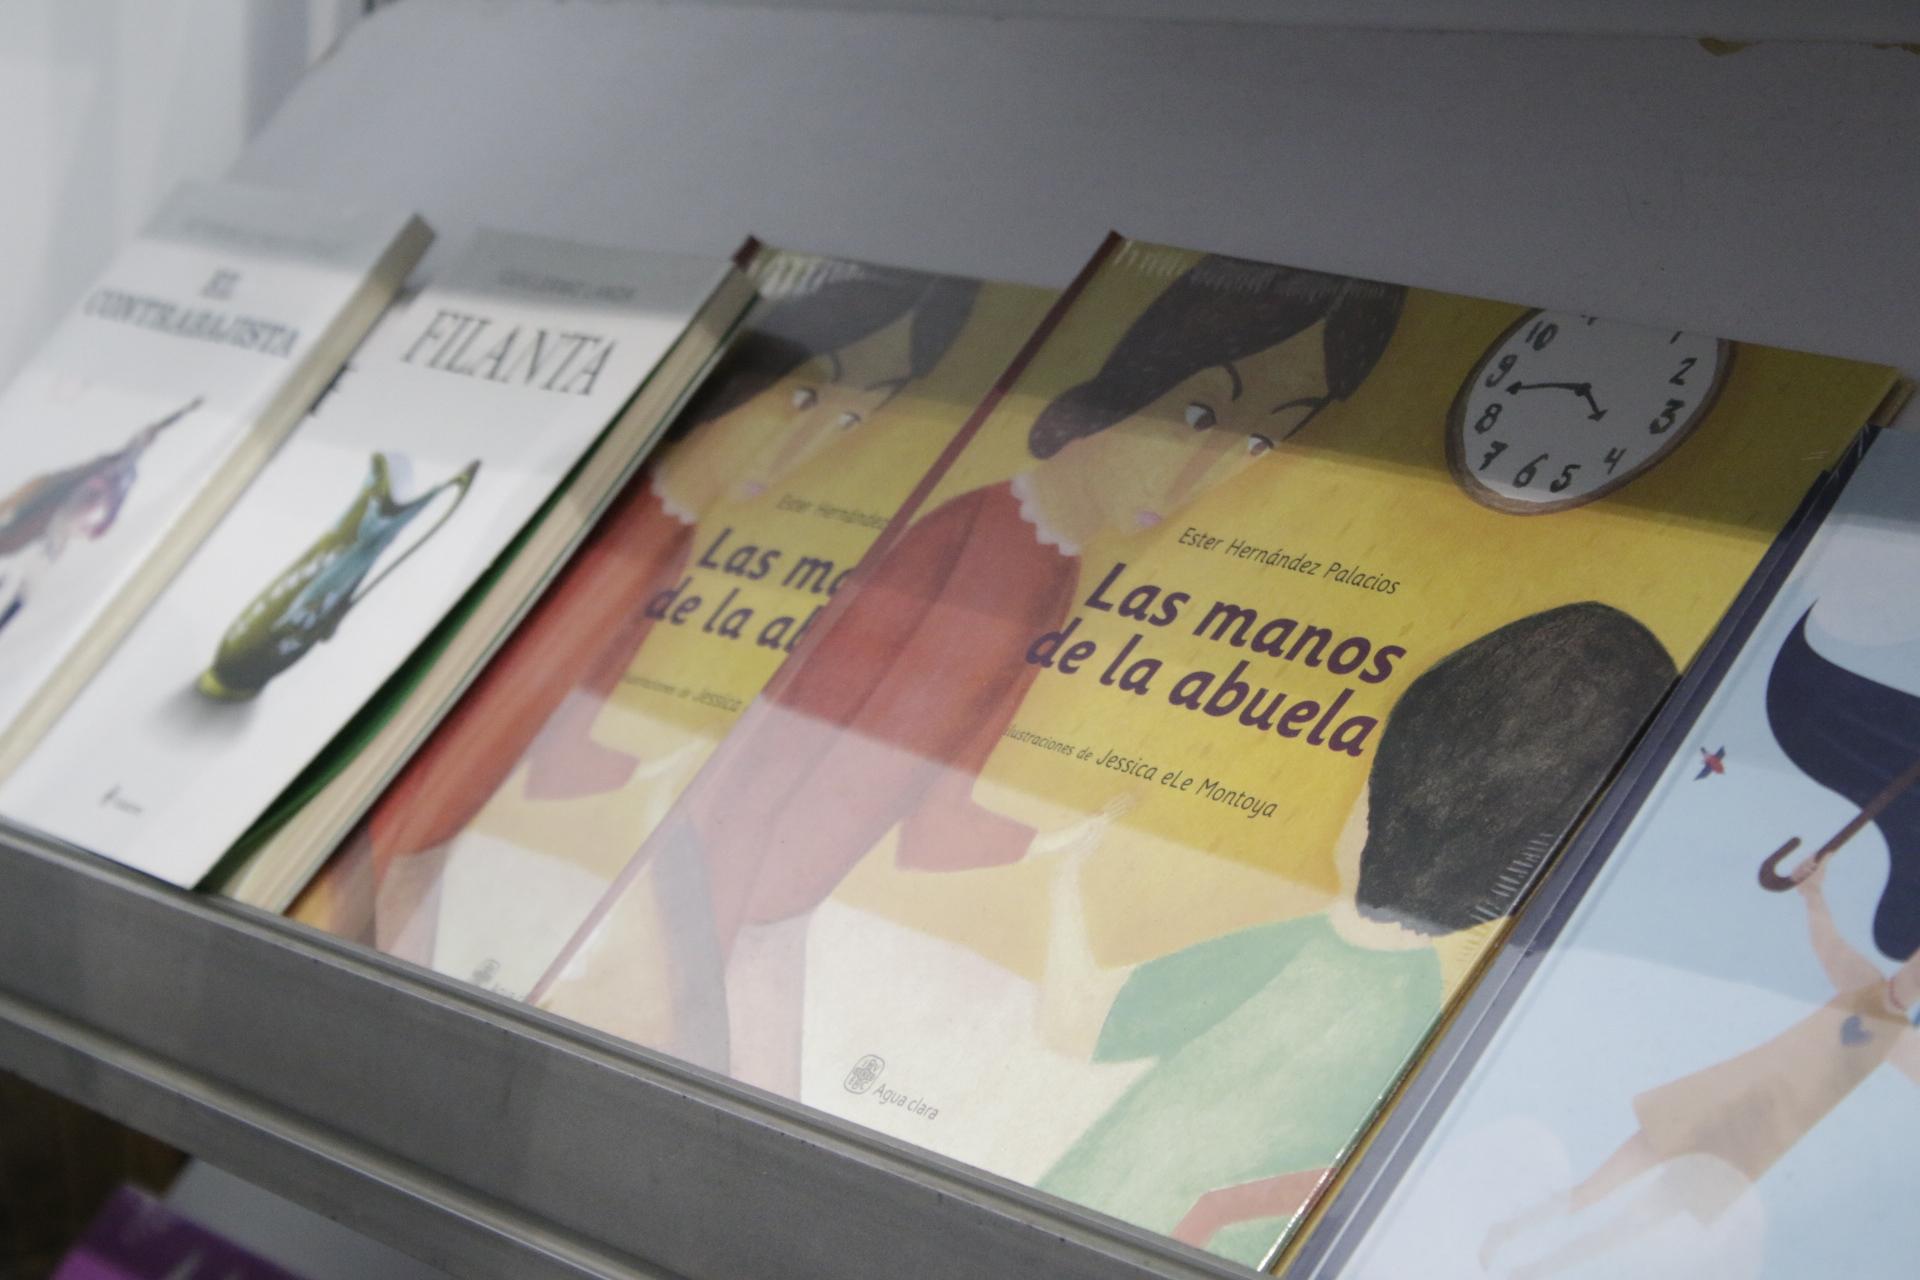 Fomento a la lectura IVEC, presente en Feria de la Lectura en Cd. Mendoza